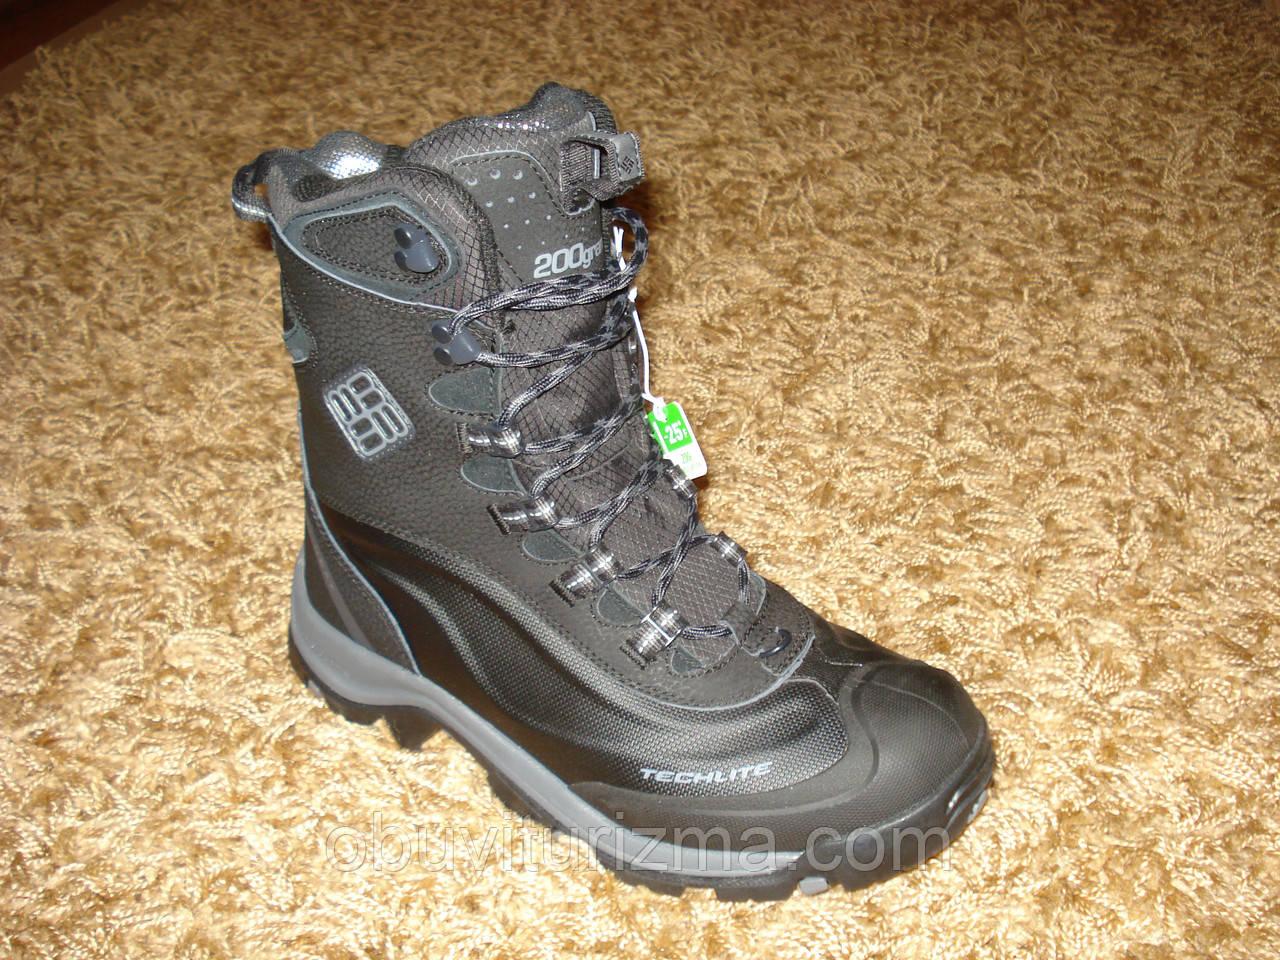 Ботинки Columbia Bugaboot™ PLUS II OMNI-HEAT® (41)  выгодные цены и ... f67d7f2fa37d3